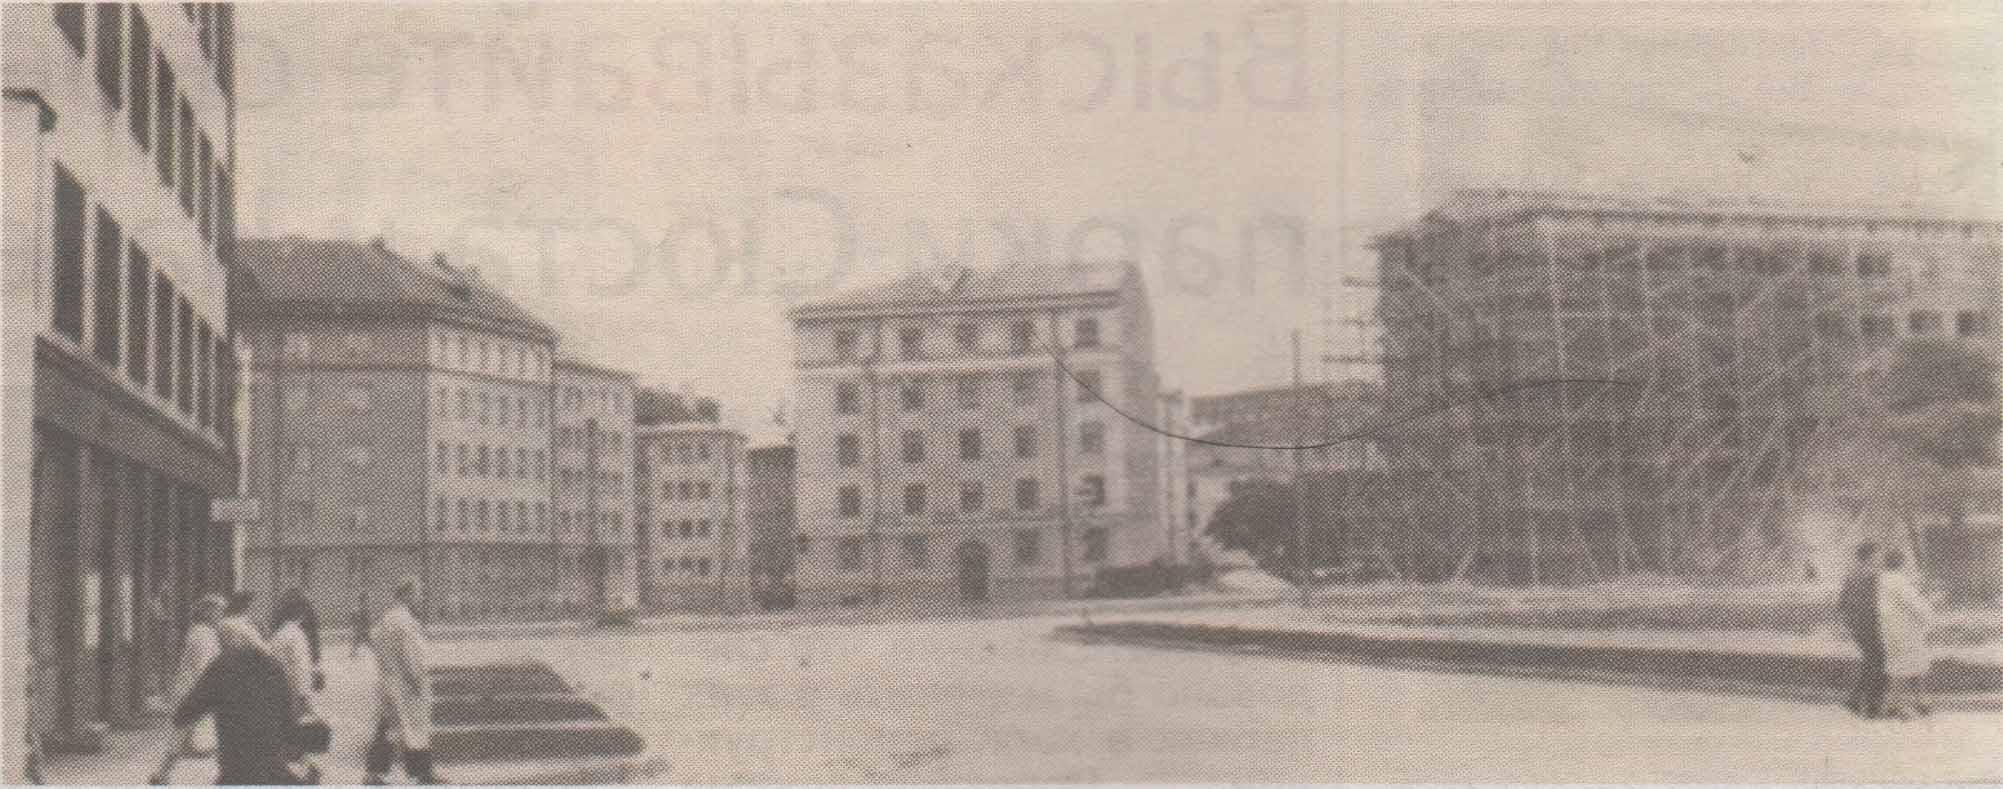 Формирование ансамбля площади Компасси. Начало шестидесятых годов.